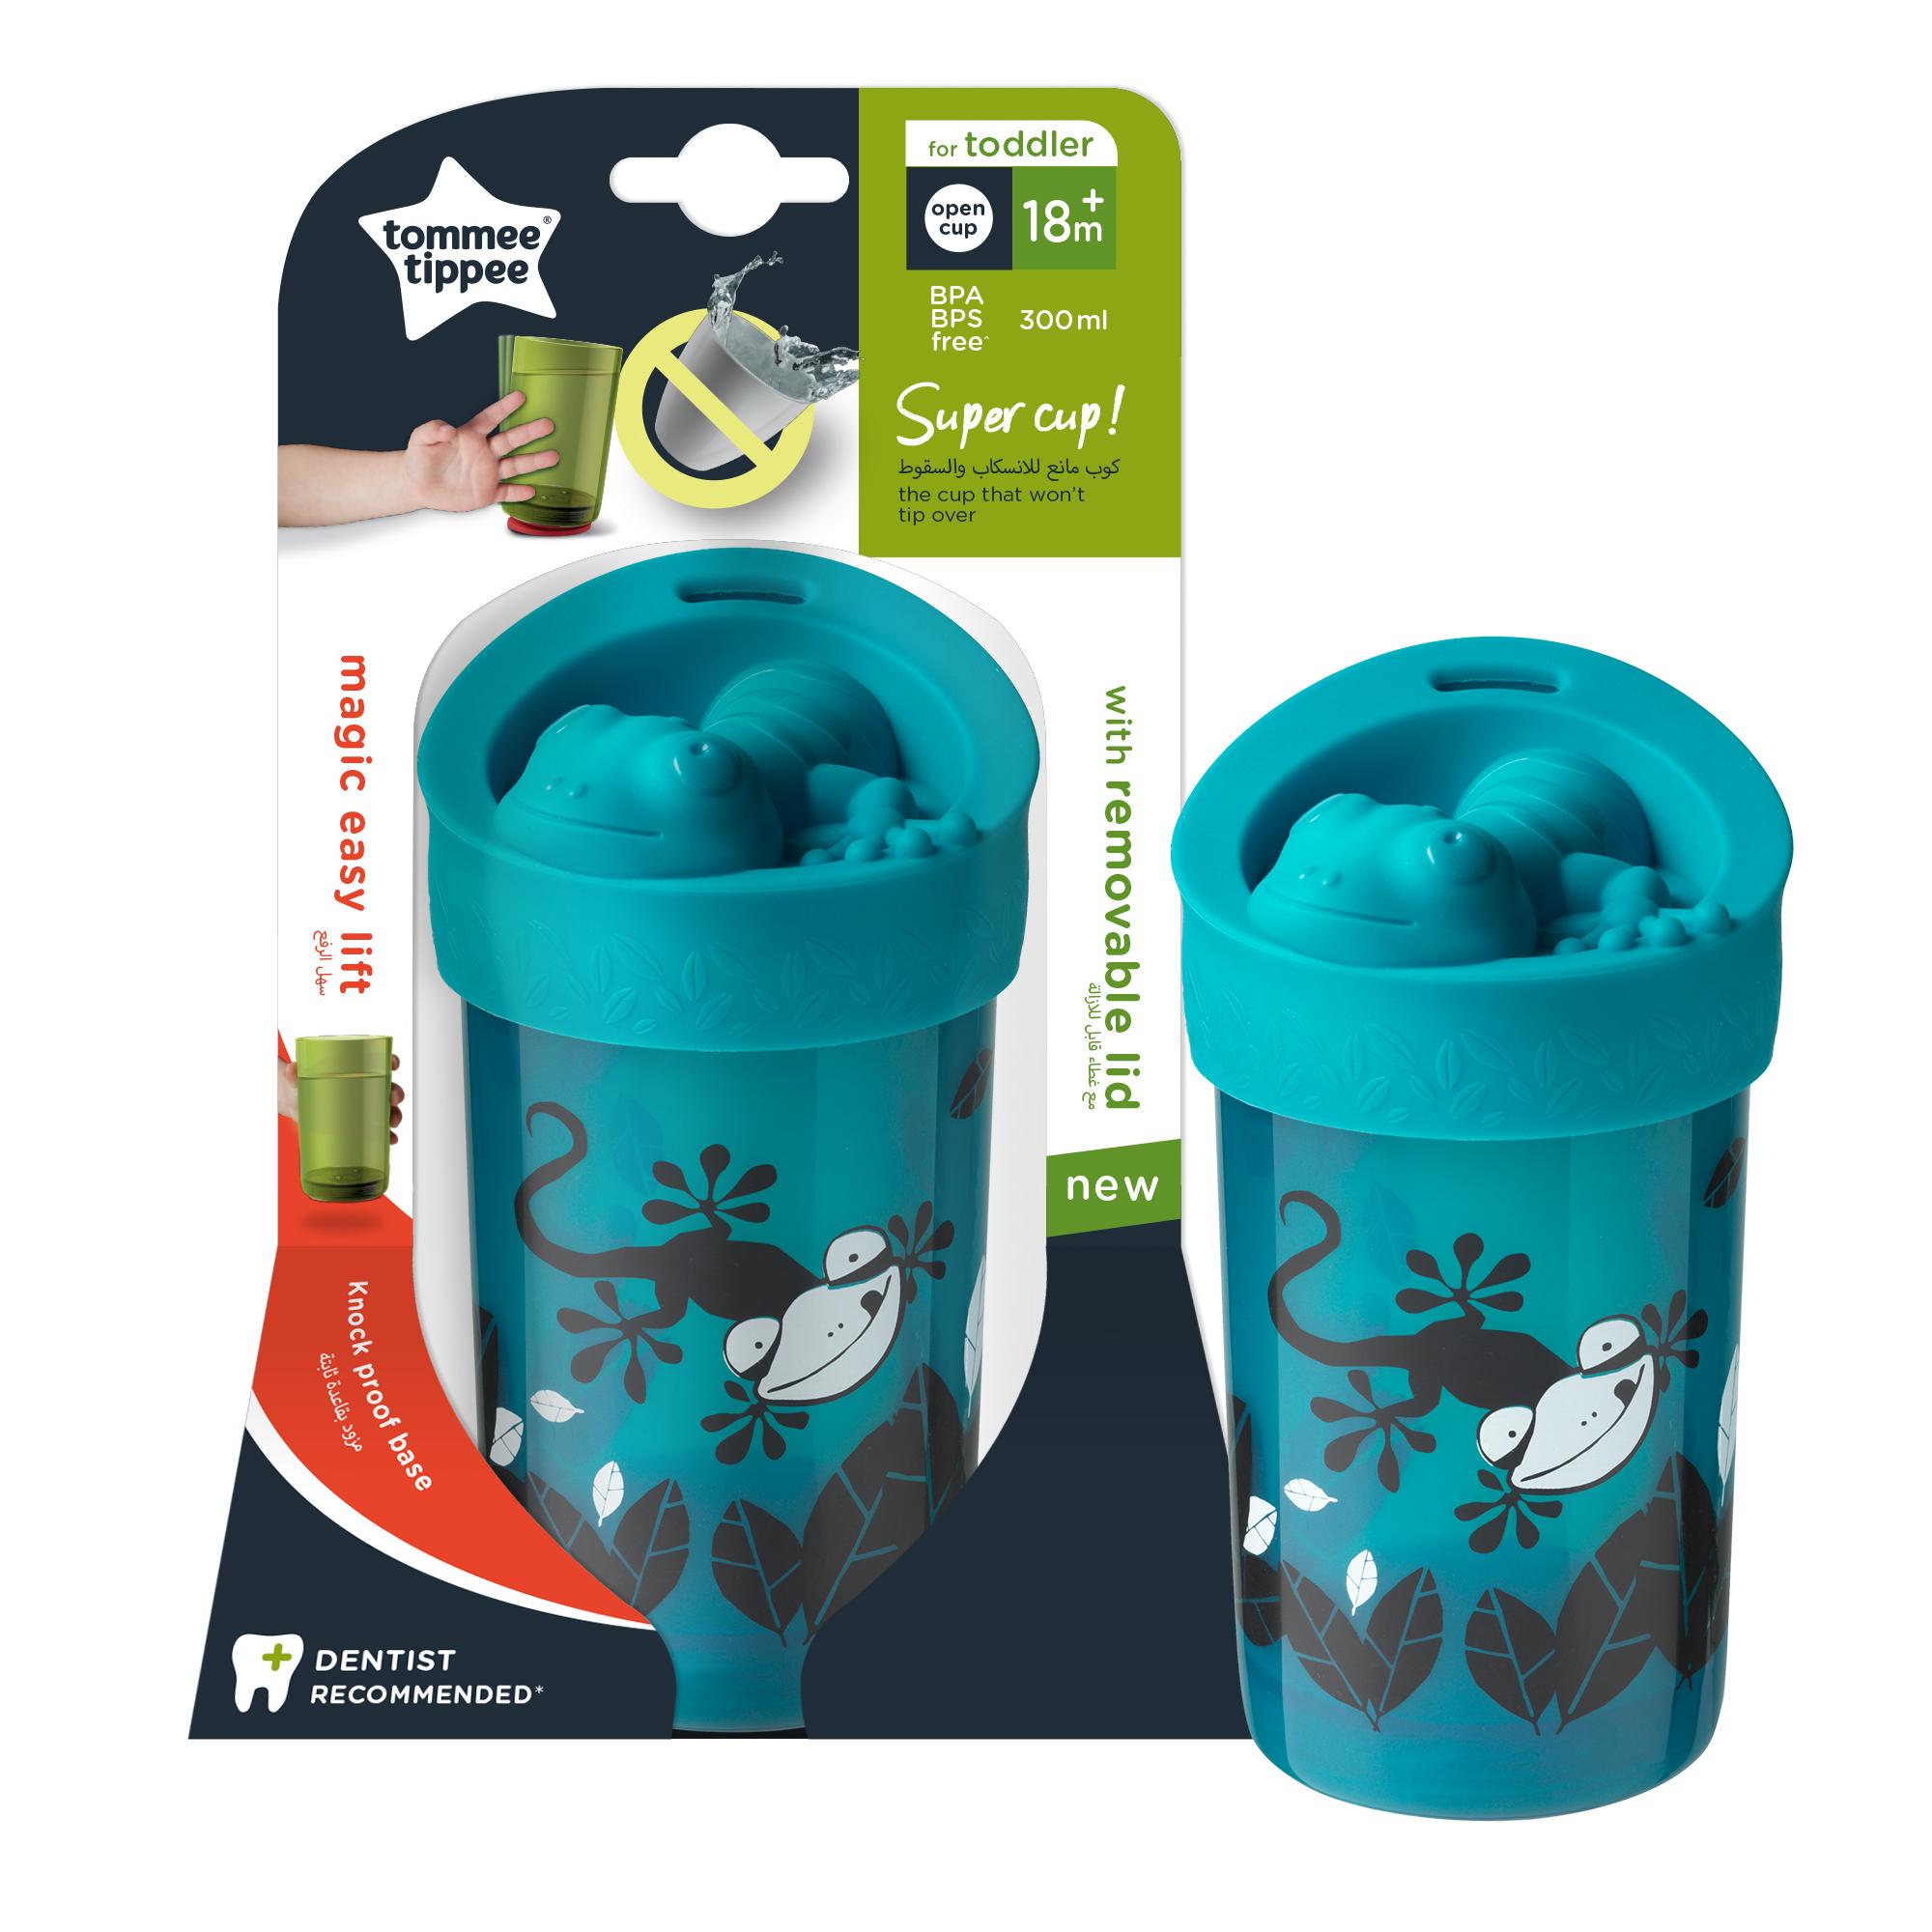 Cana Tommee Tippee No Knock Large cu capac, 300 ml, 18 luni +, Soparlita verde, 1 buc